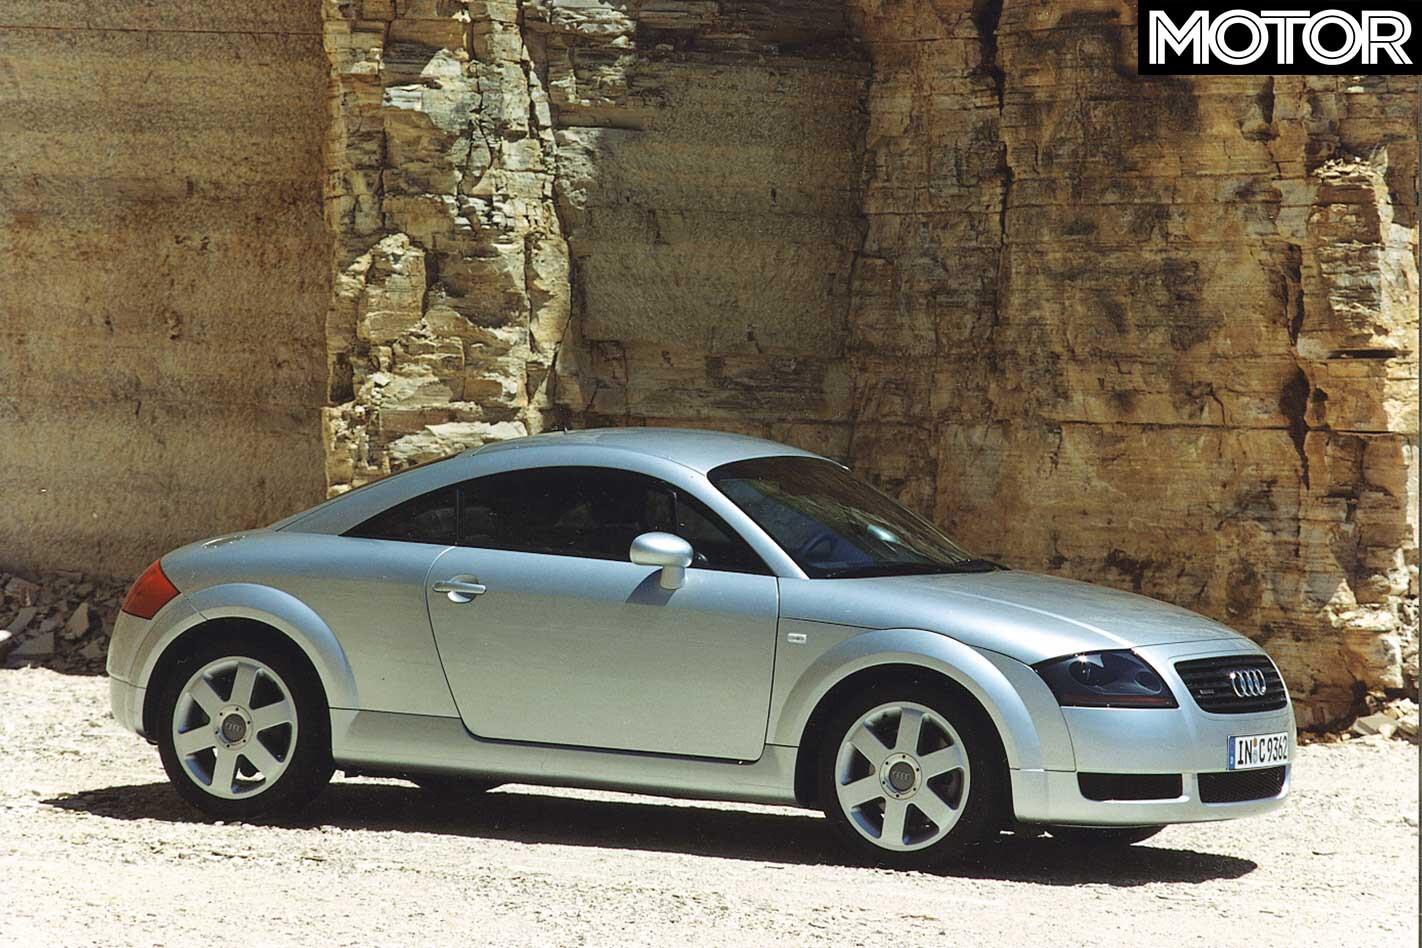 1999 Audi TT Jpg